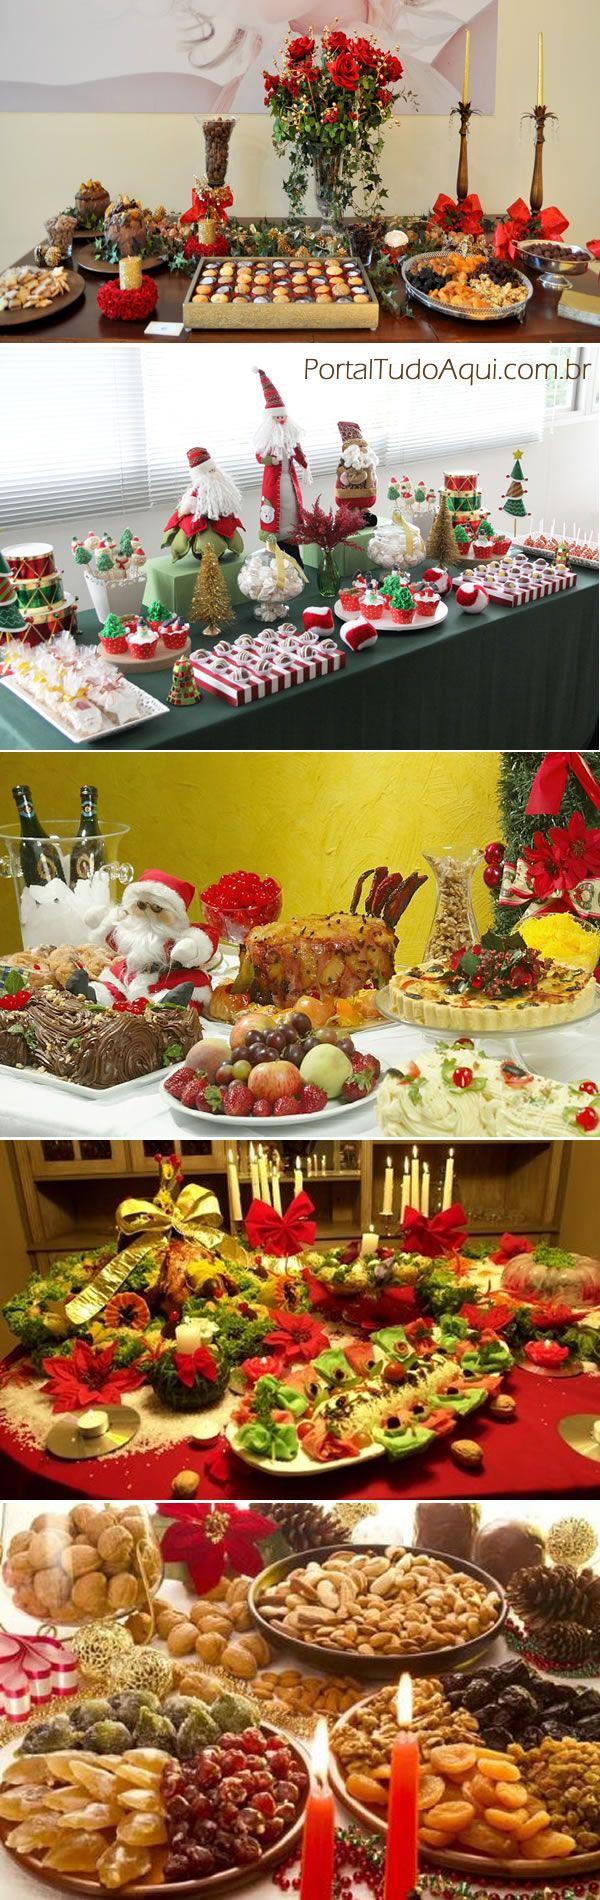 mesa-de-natal-dicas-e-fotos-de-decoração-de-arranjos-de-mesa-de-apoio-de-doces